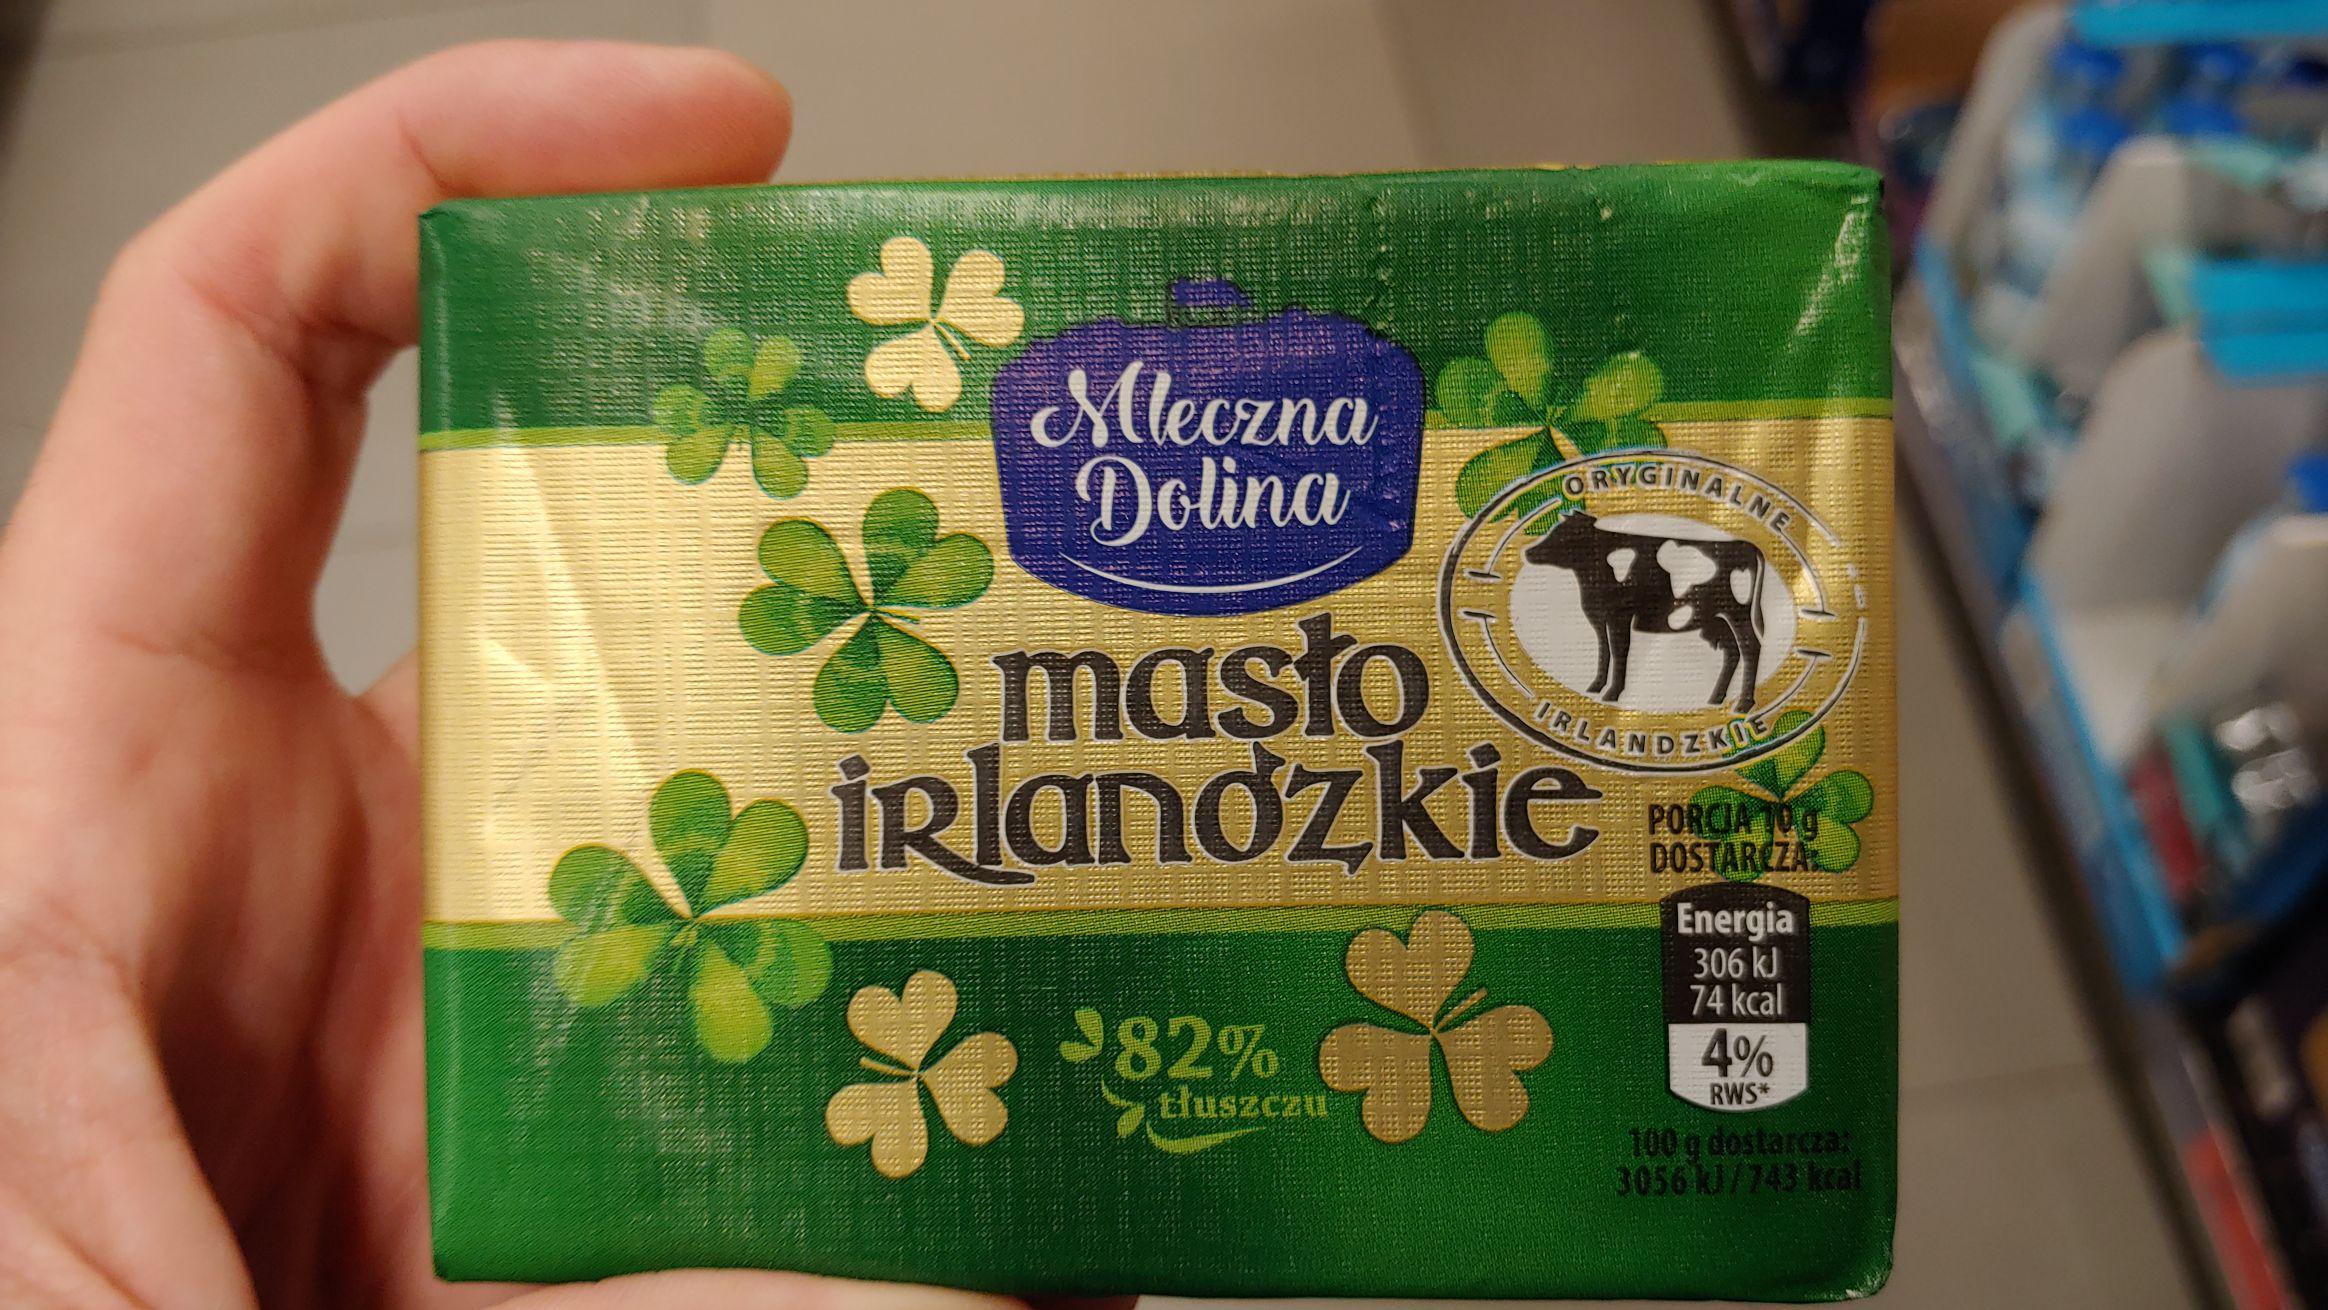 Masło Irlandzkie Biedronka 4,99 zł